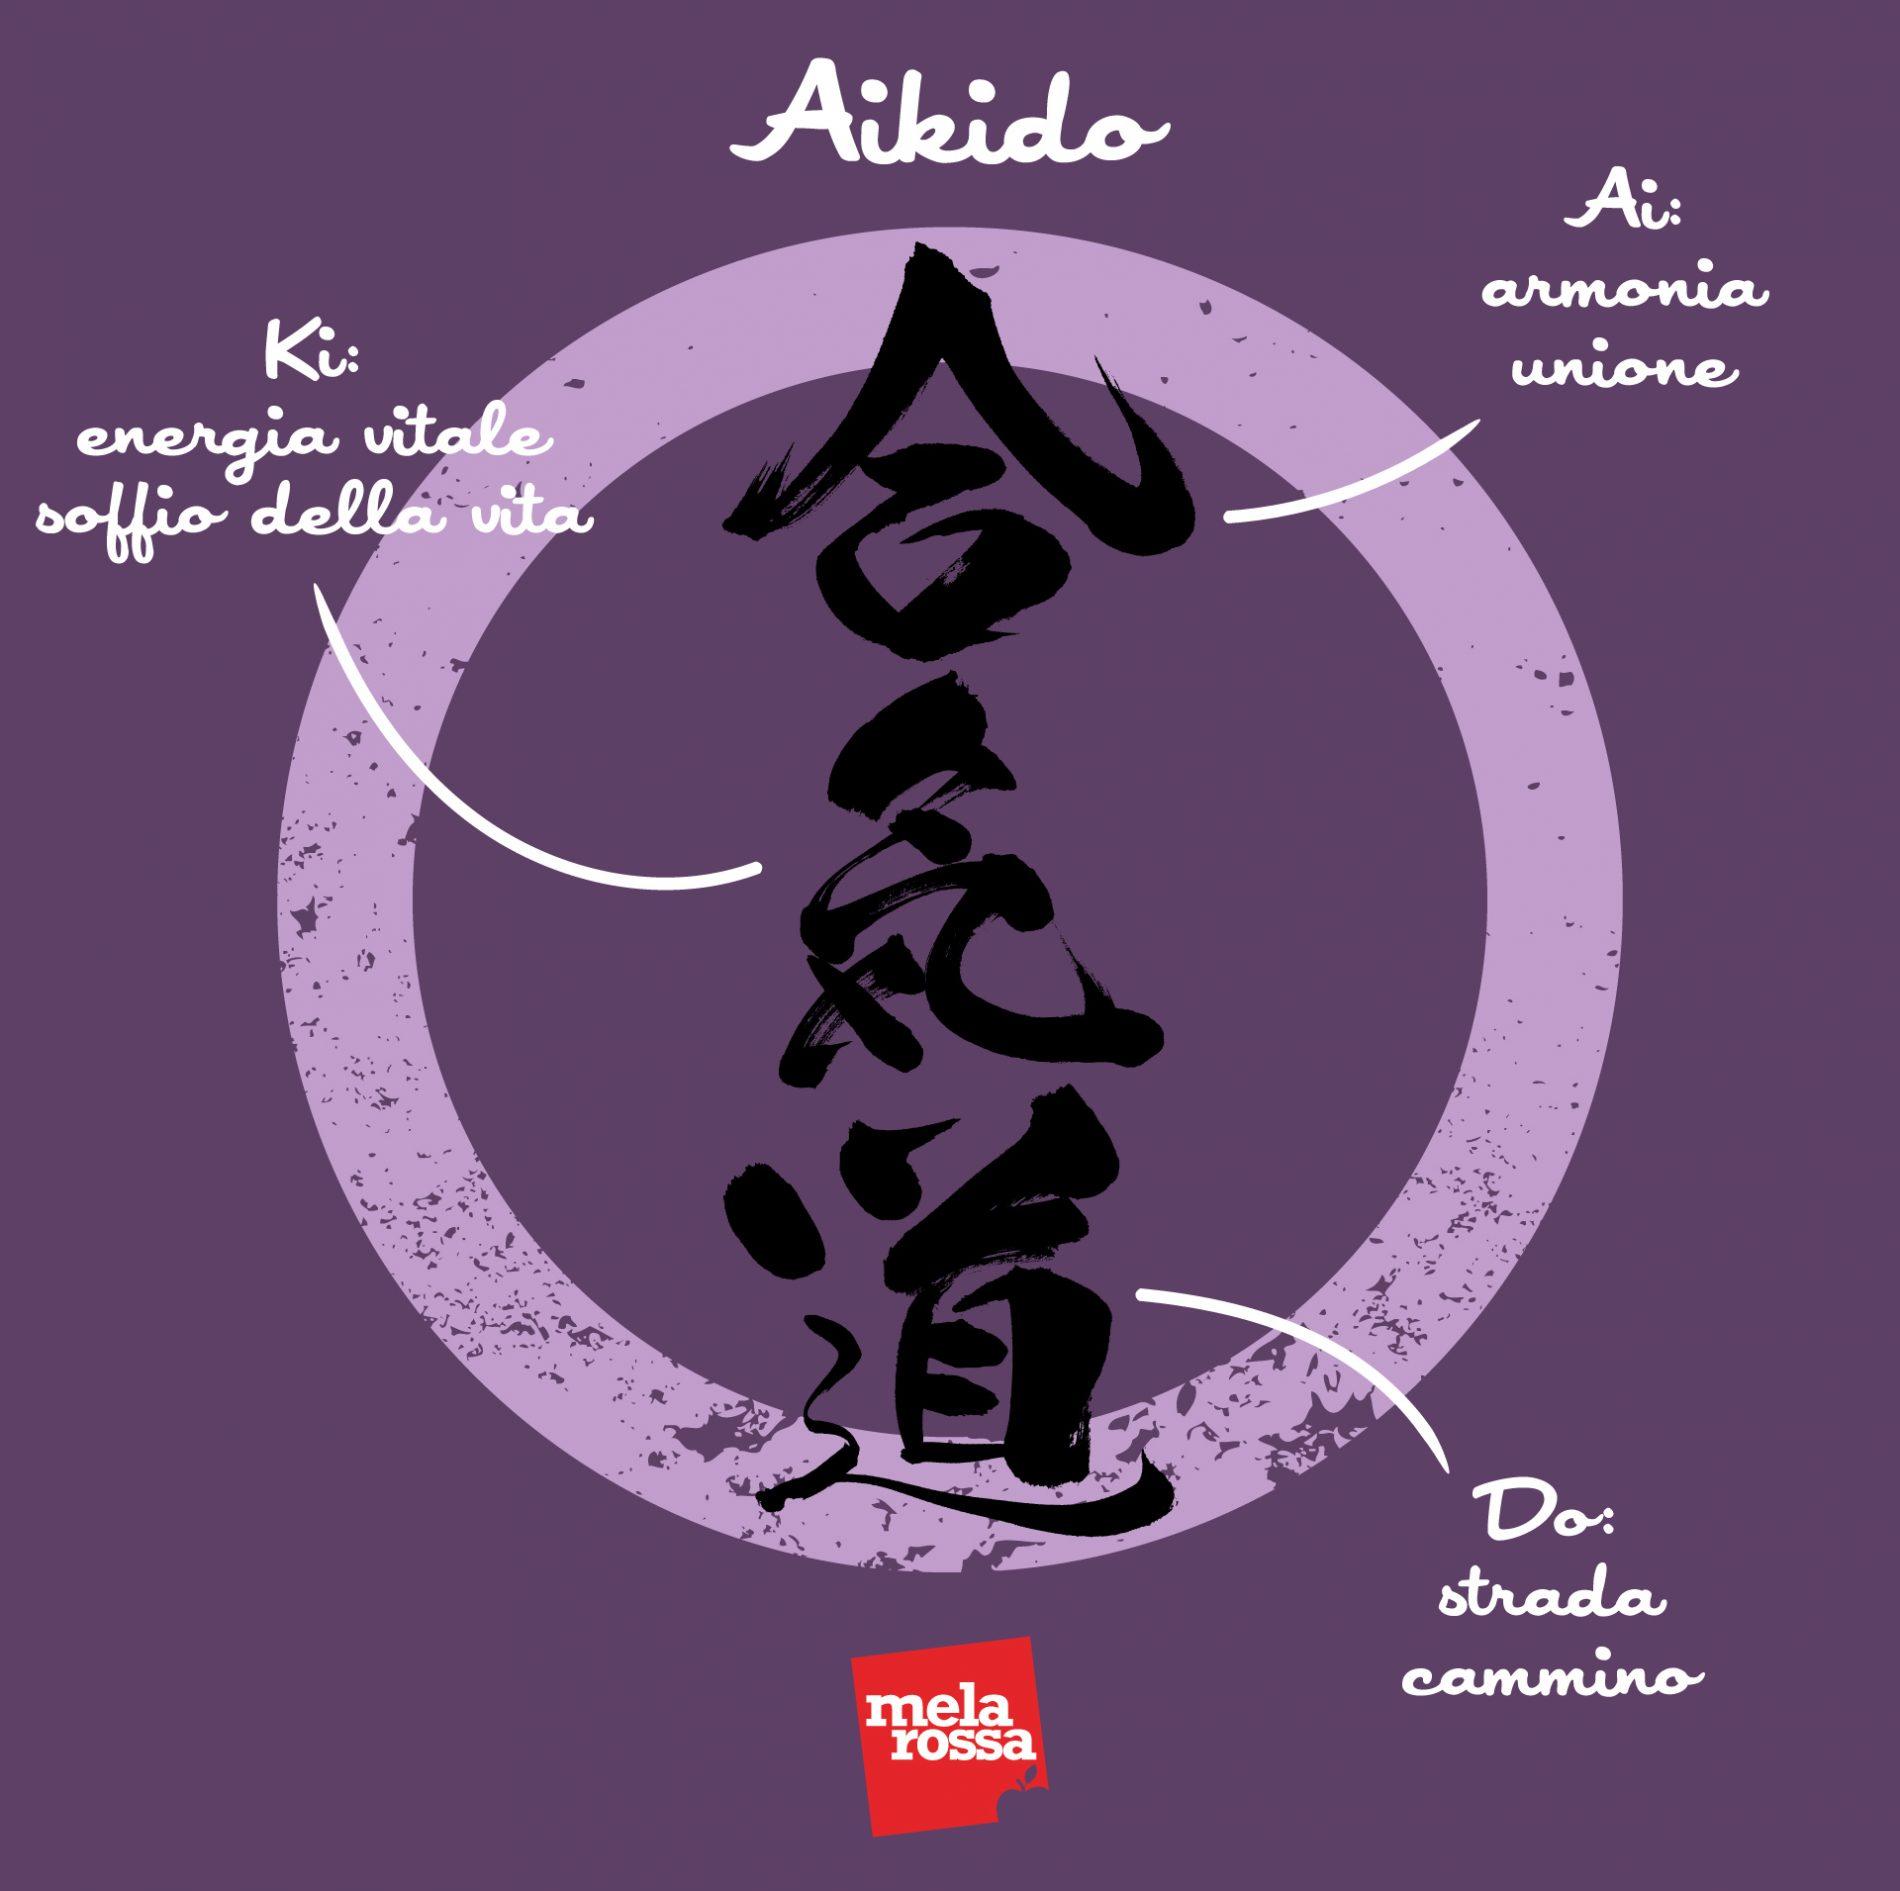 aikido: significato